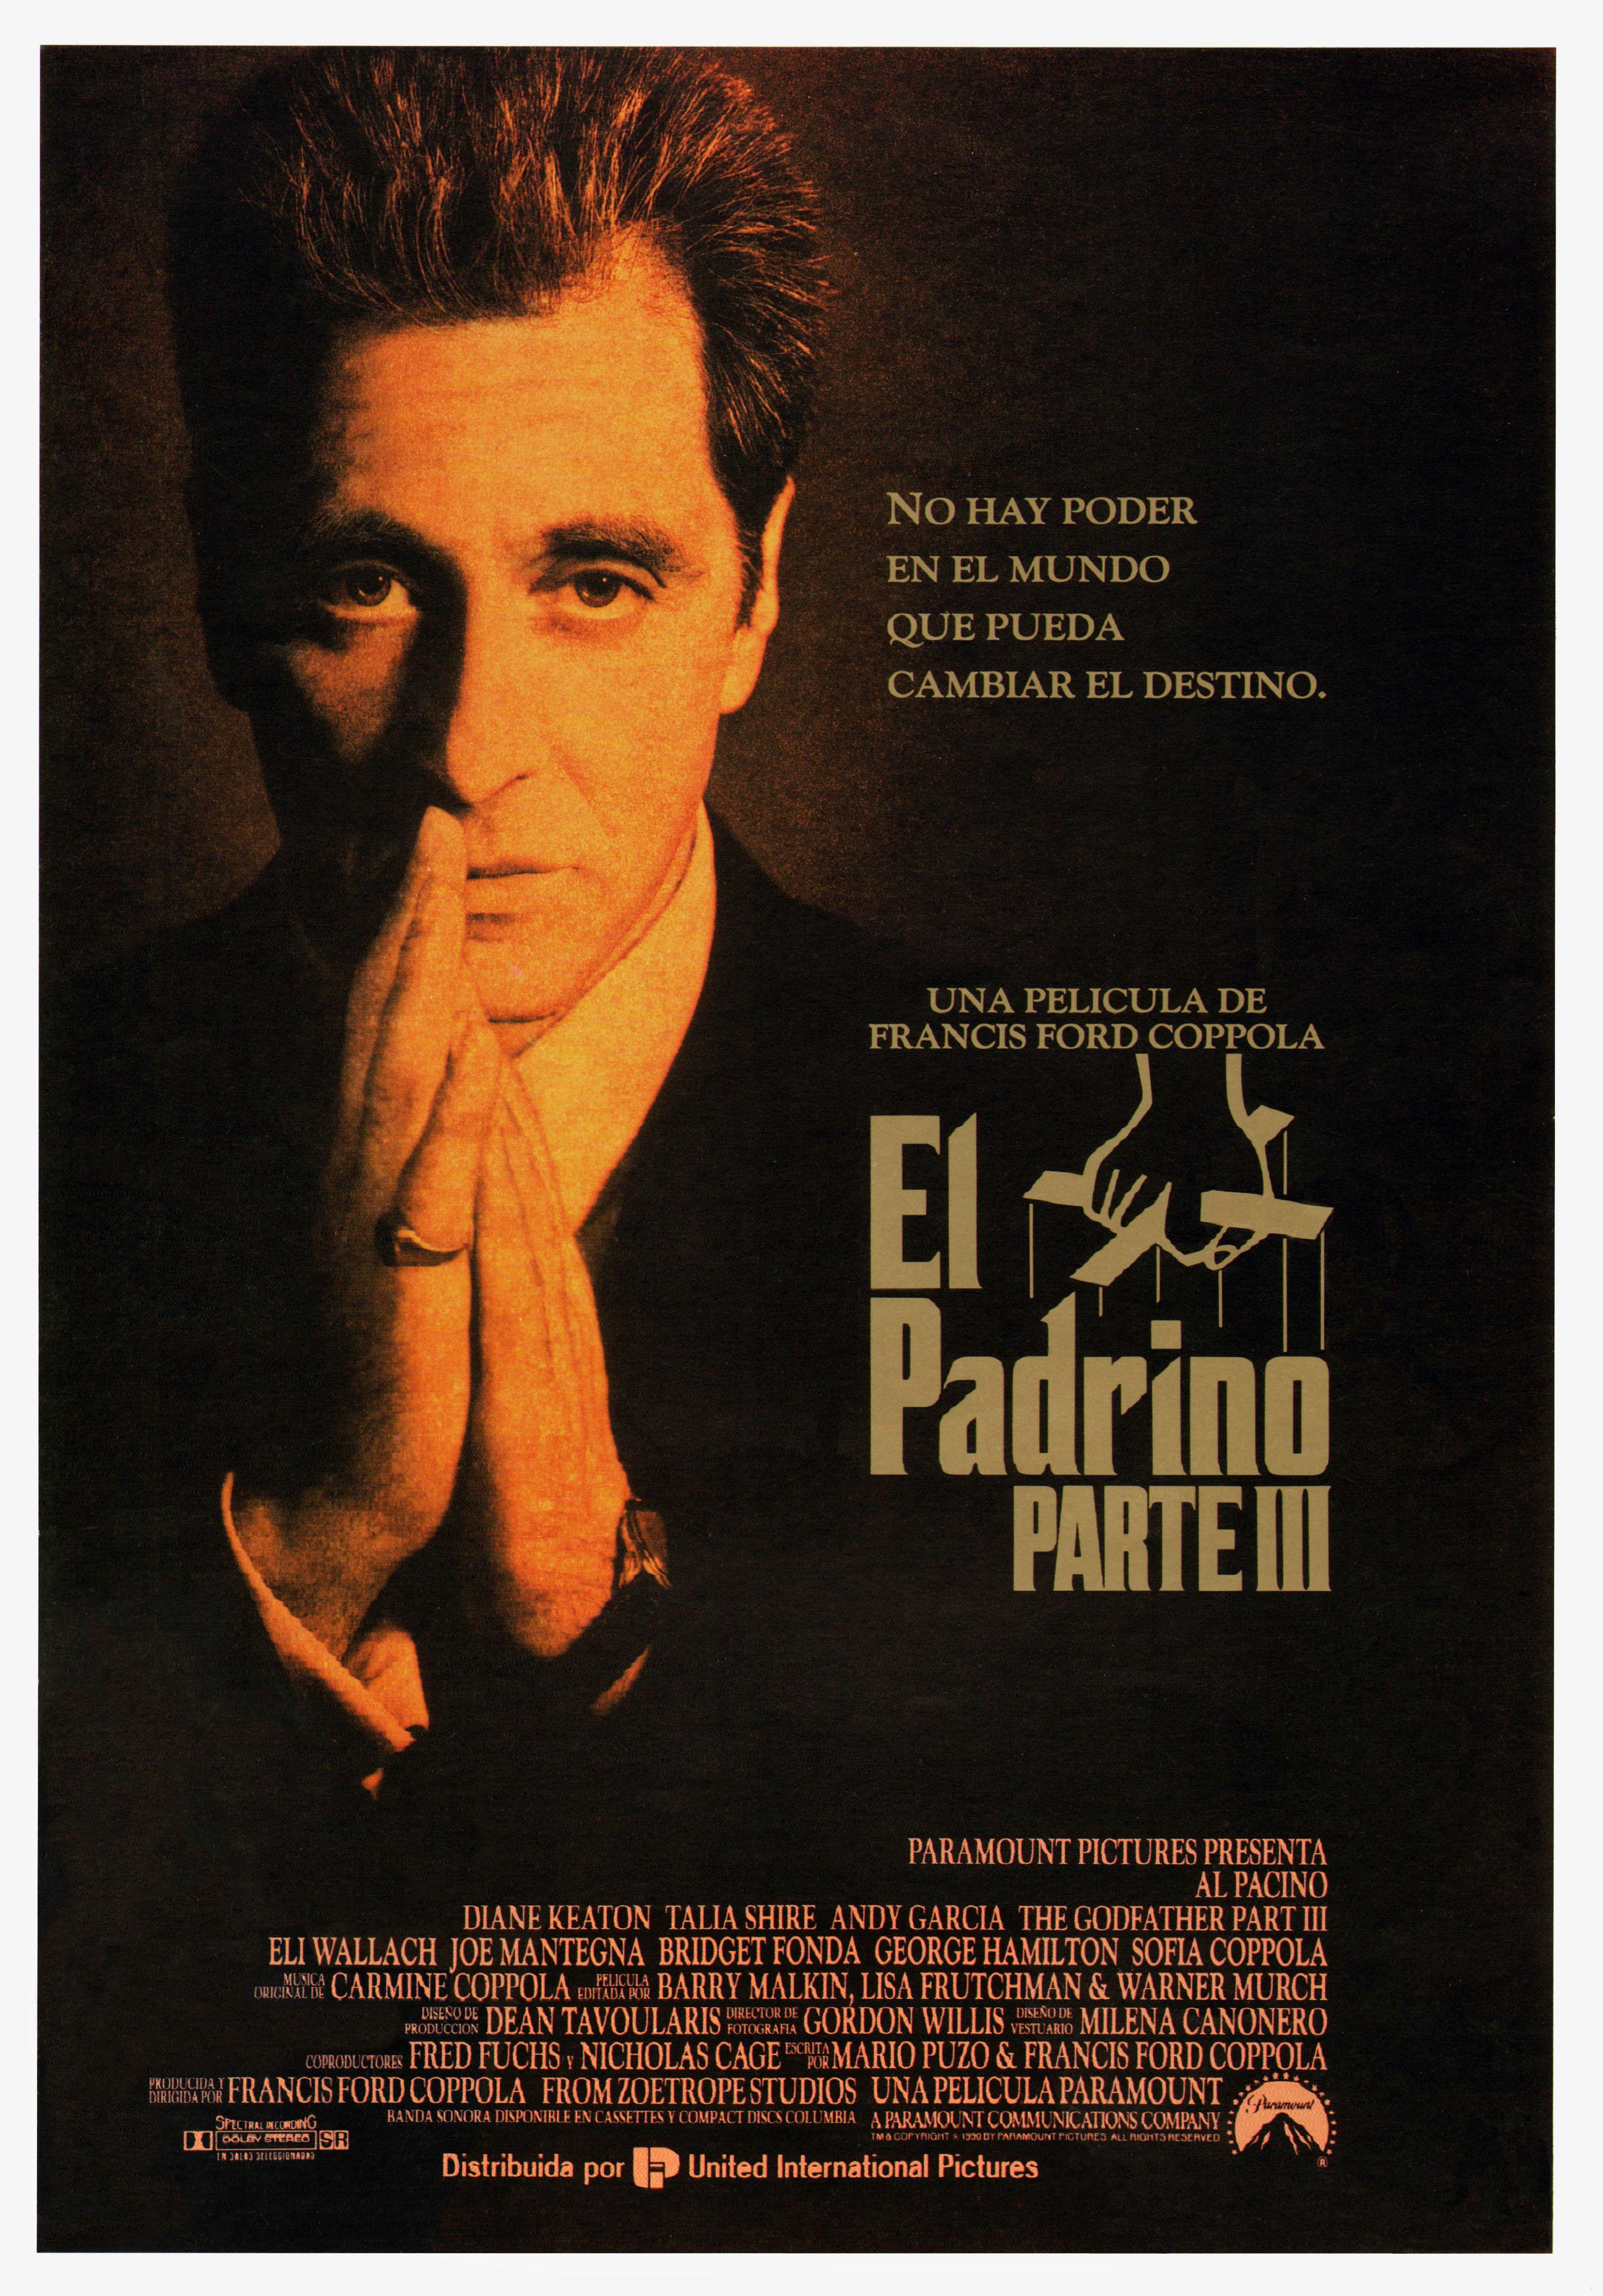 Cartel Español de El padrino III | Peliculas | Pinterest